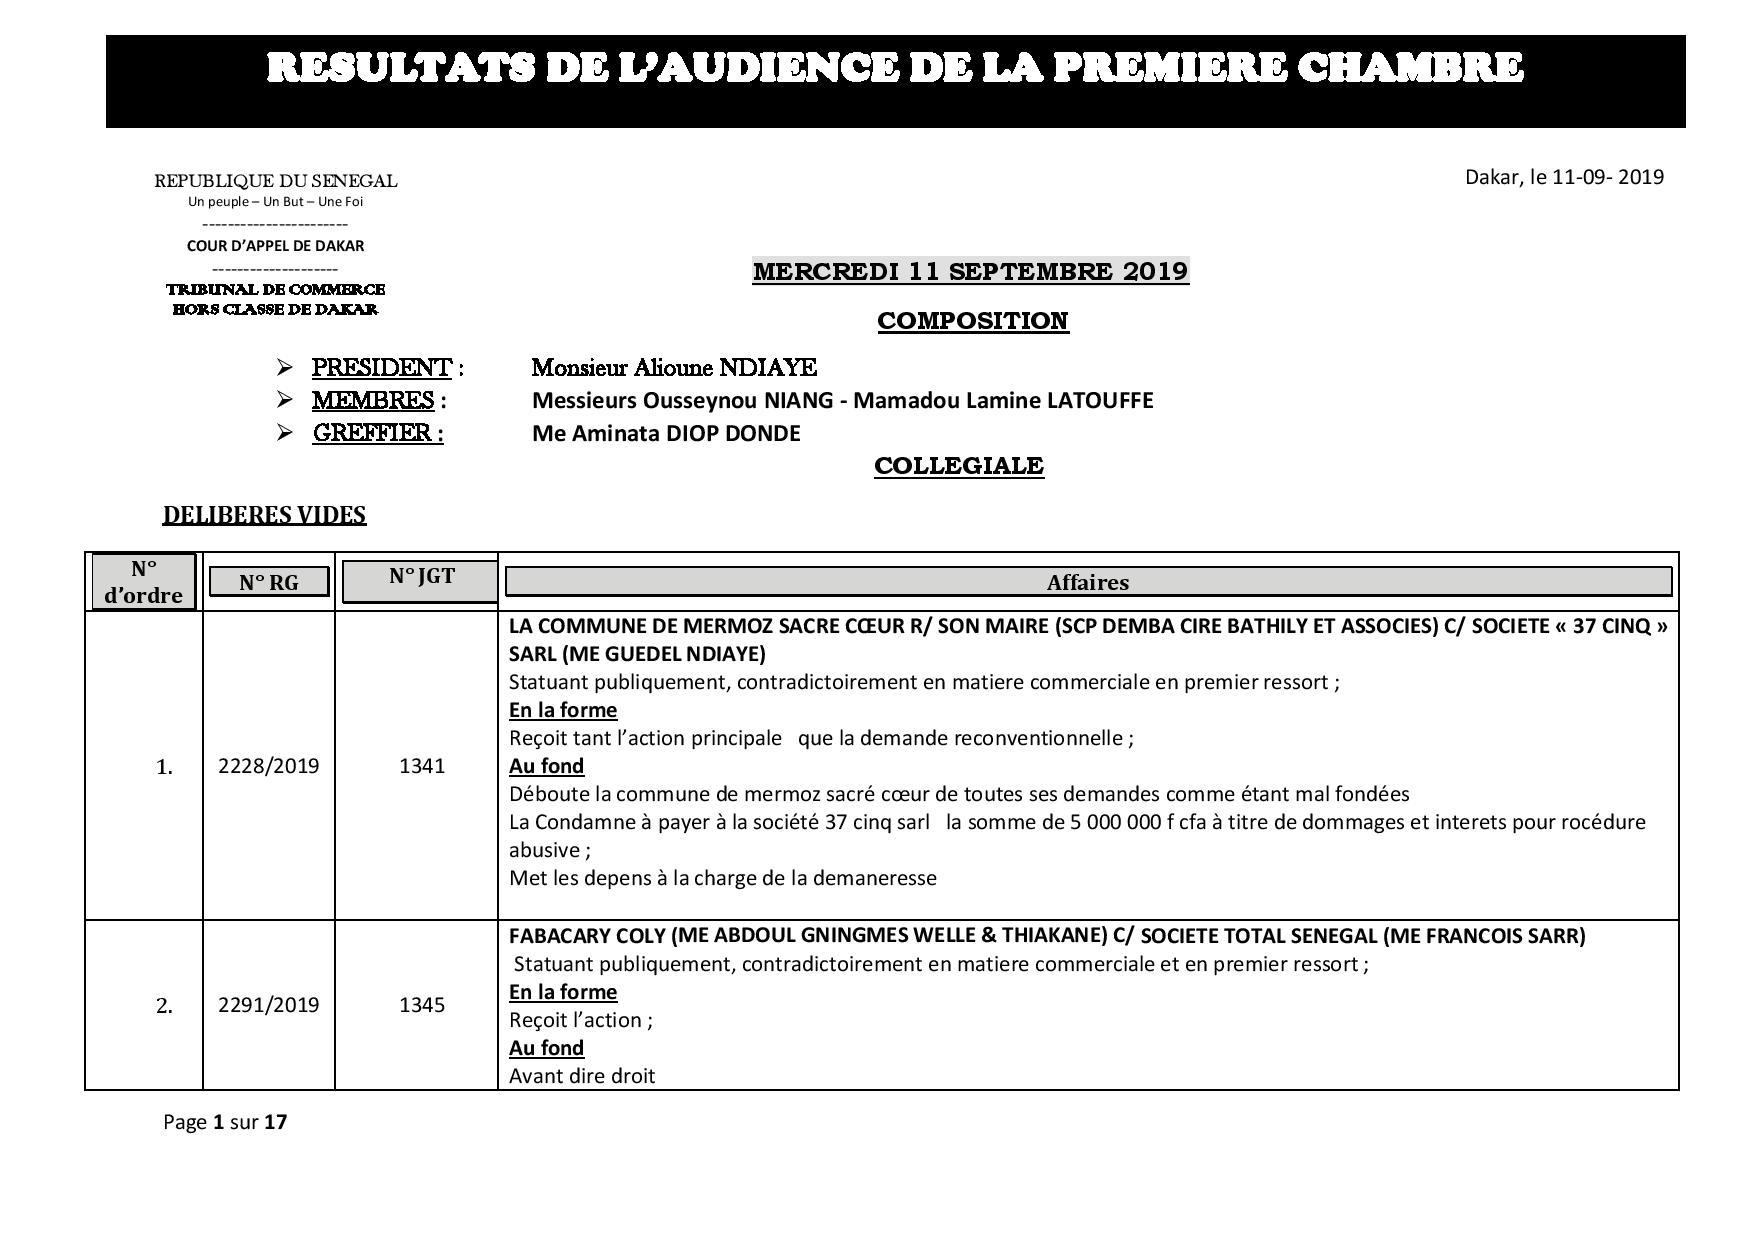 Tribunal du Commerce: Délibérés des Audiences du mercredi 11 septembre